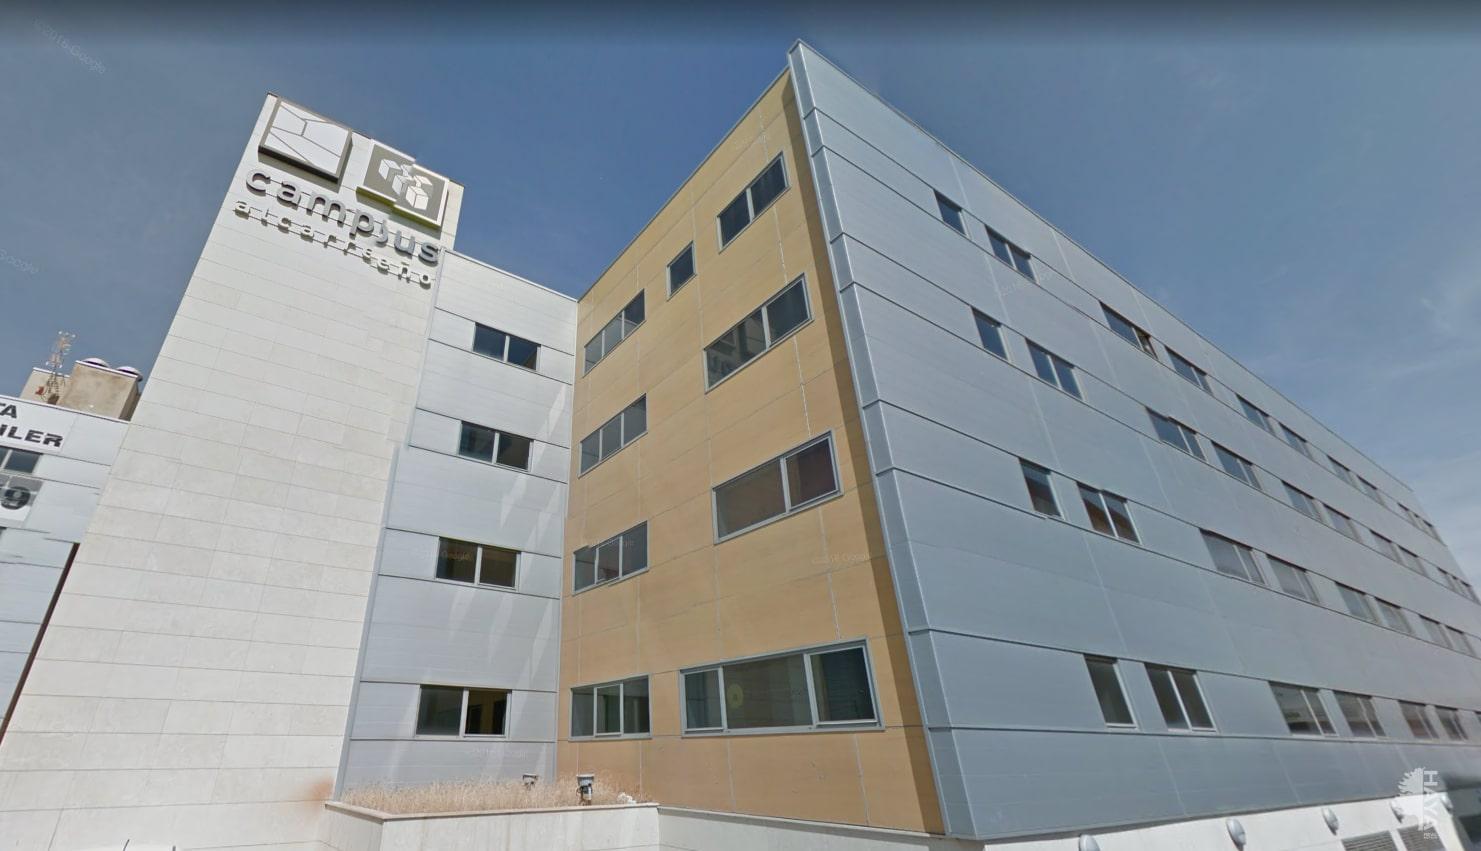 Oficina en venta en Los Manantiales, Guadalajara, Guadalajara, Calle Francisco Aritio, 86.684 €, 90 m2